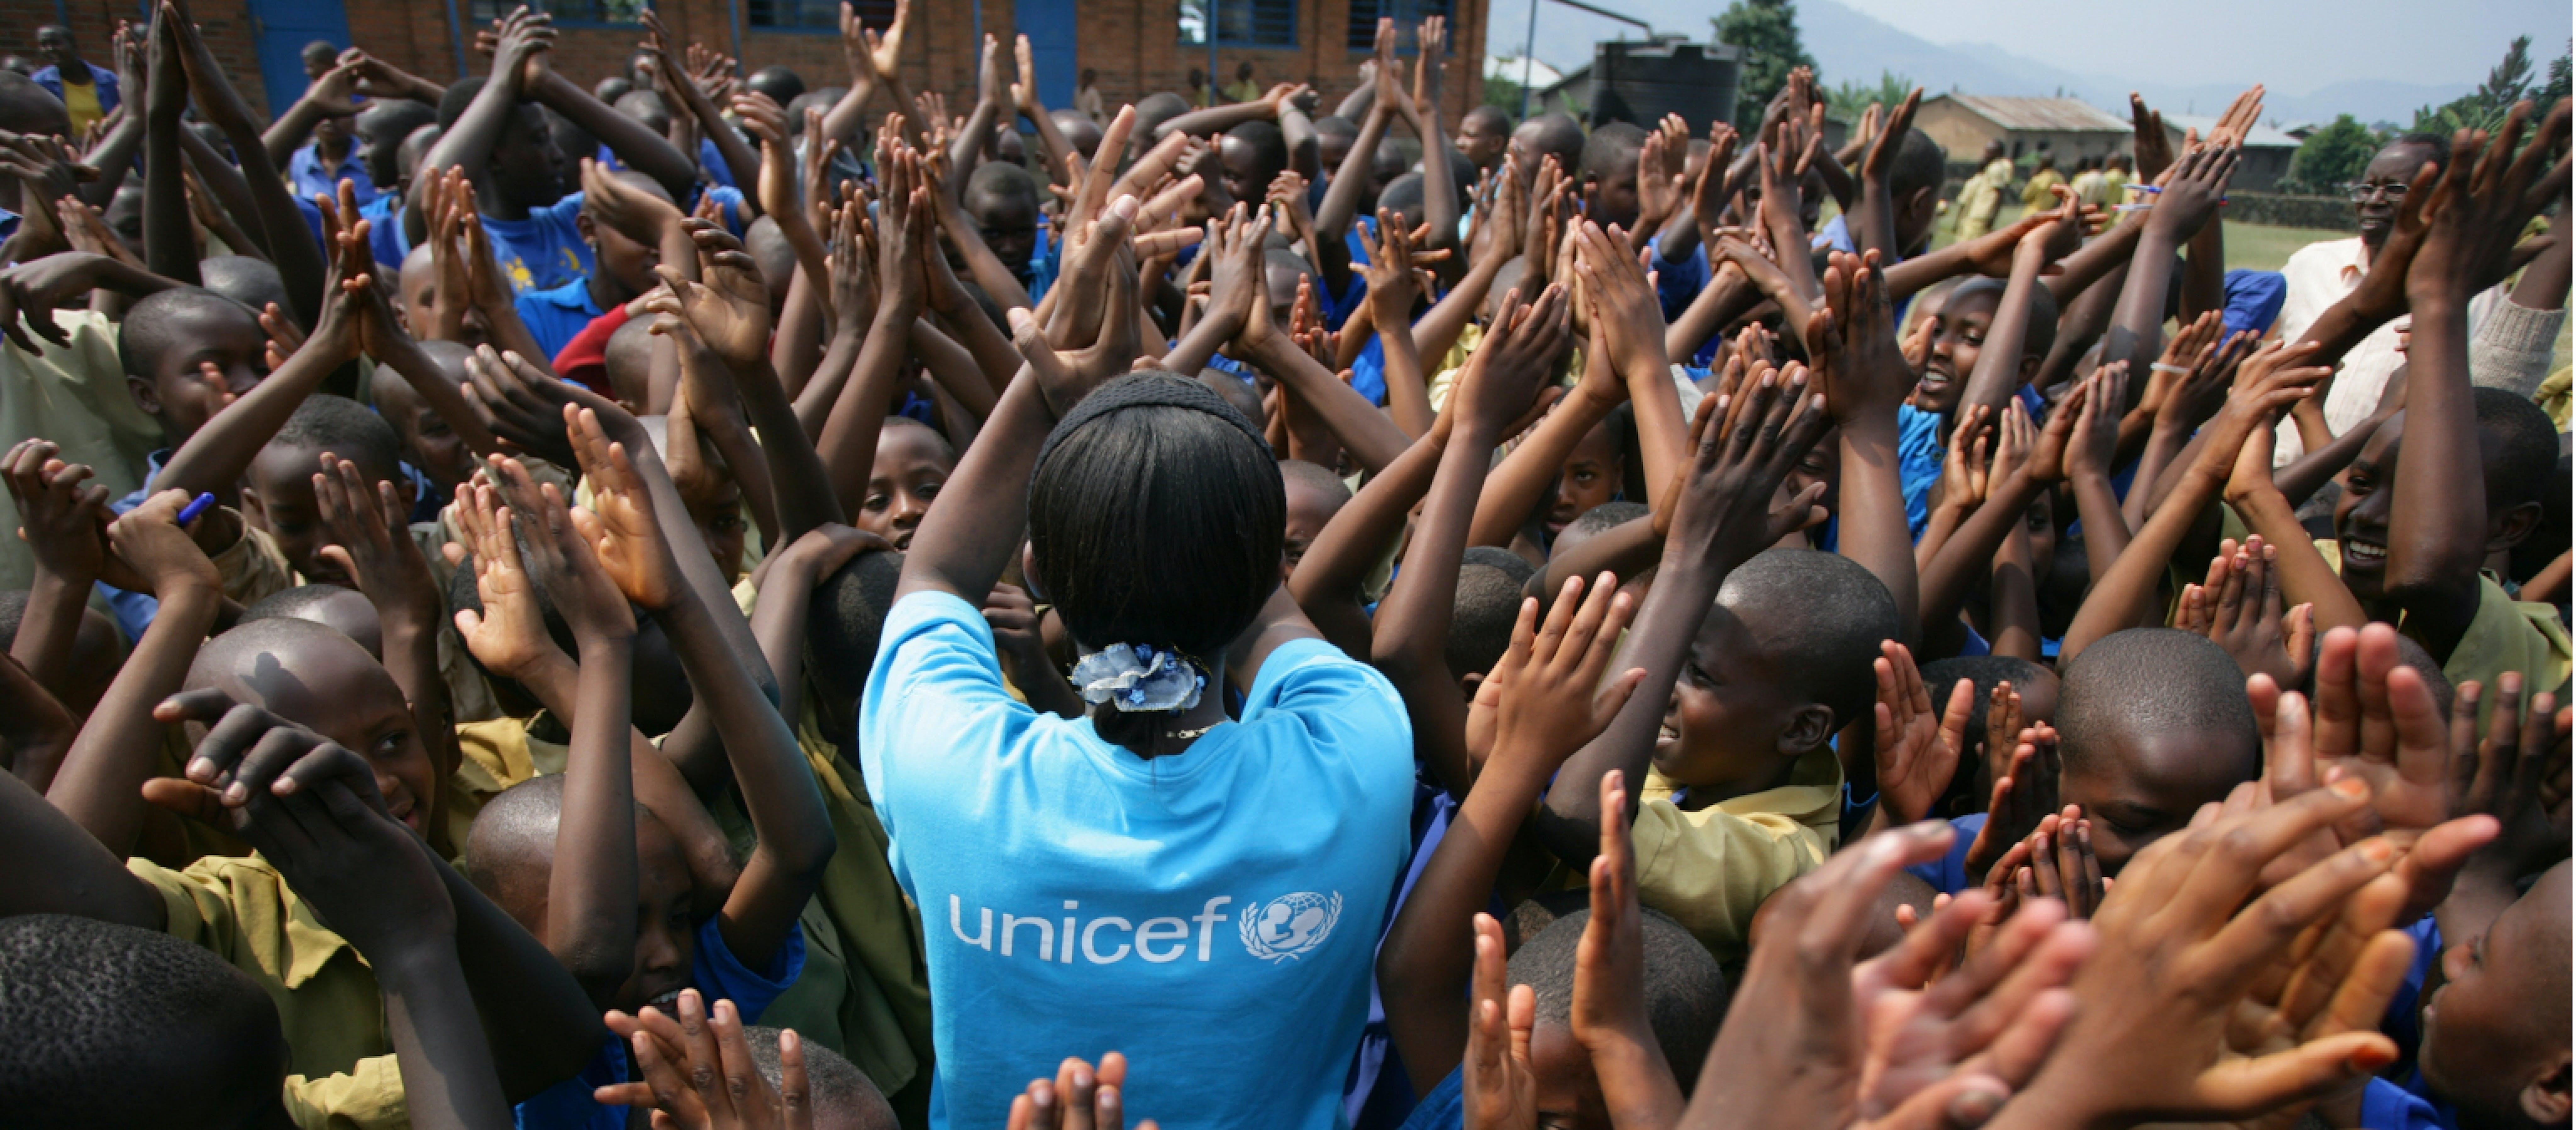 Grazie al vostro supporto possiamo aiutare i bambini in difficoltà di tutto il mondo